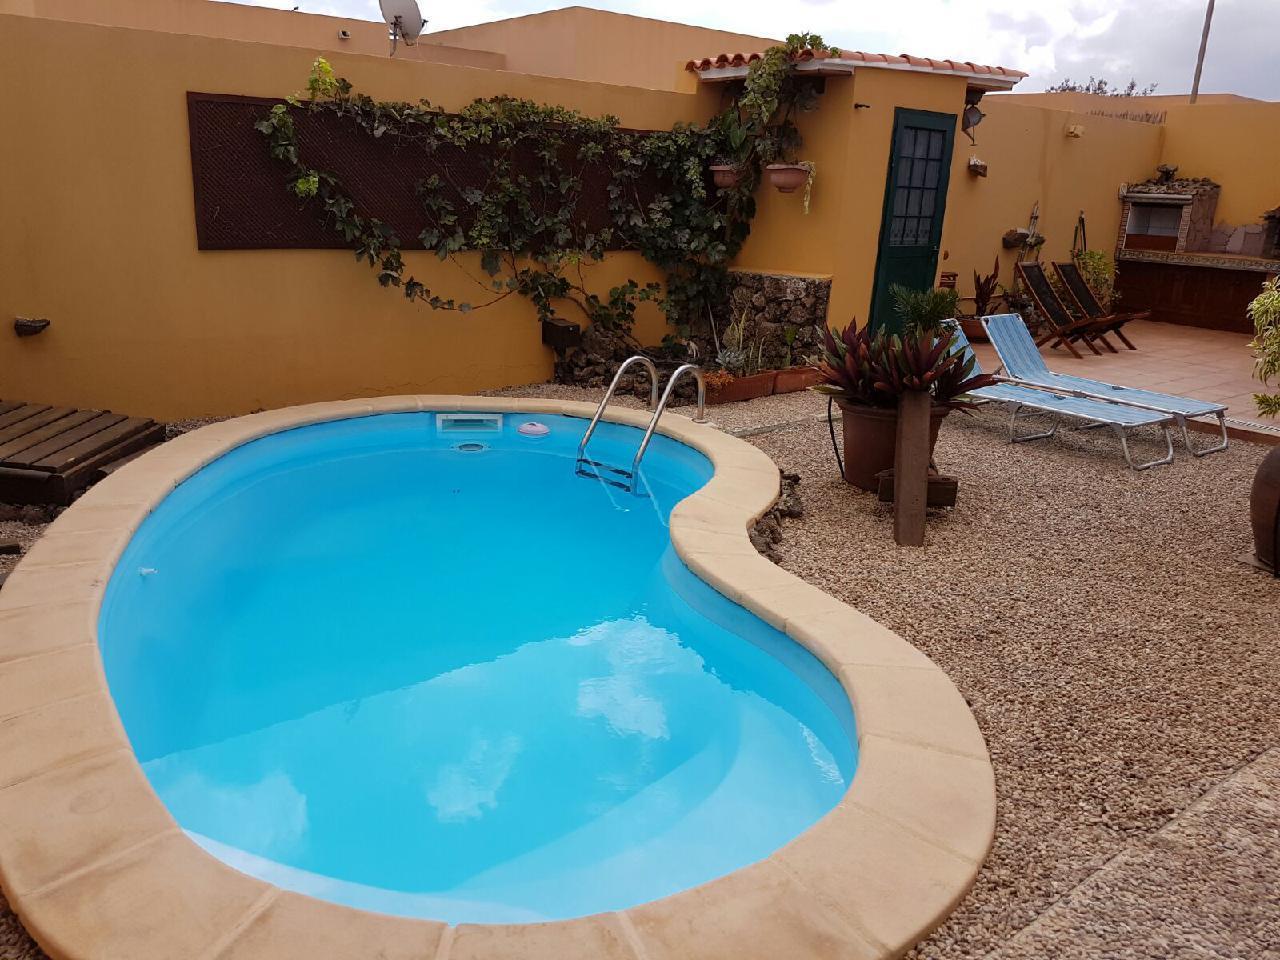 Ferienhaus Bruma Isabella (1075811), Corralejo, Fuerteventura, Kanarische Inseln, Spanien, Bild 11